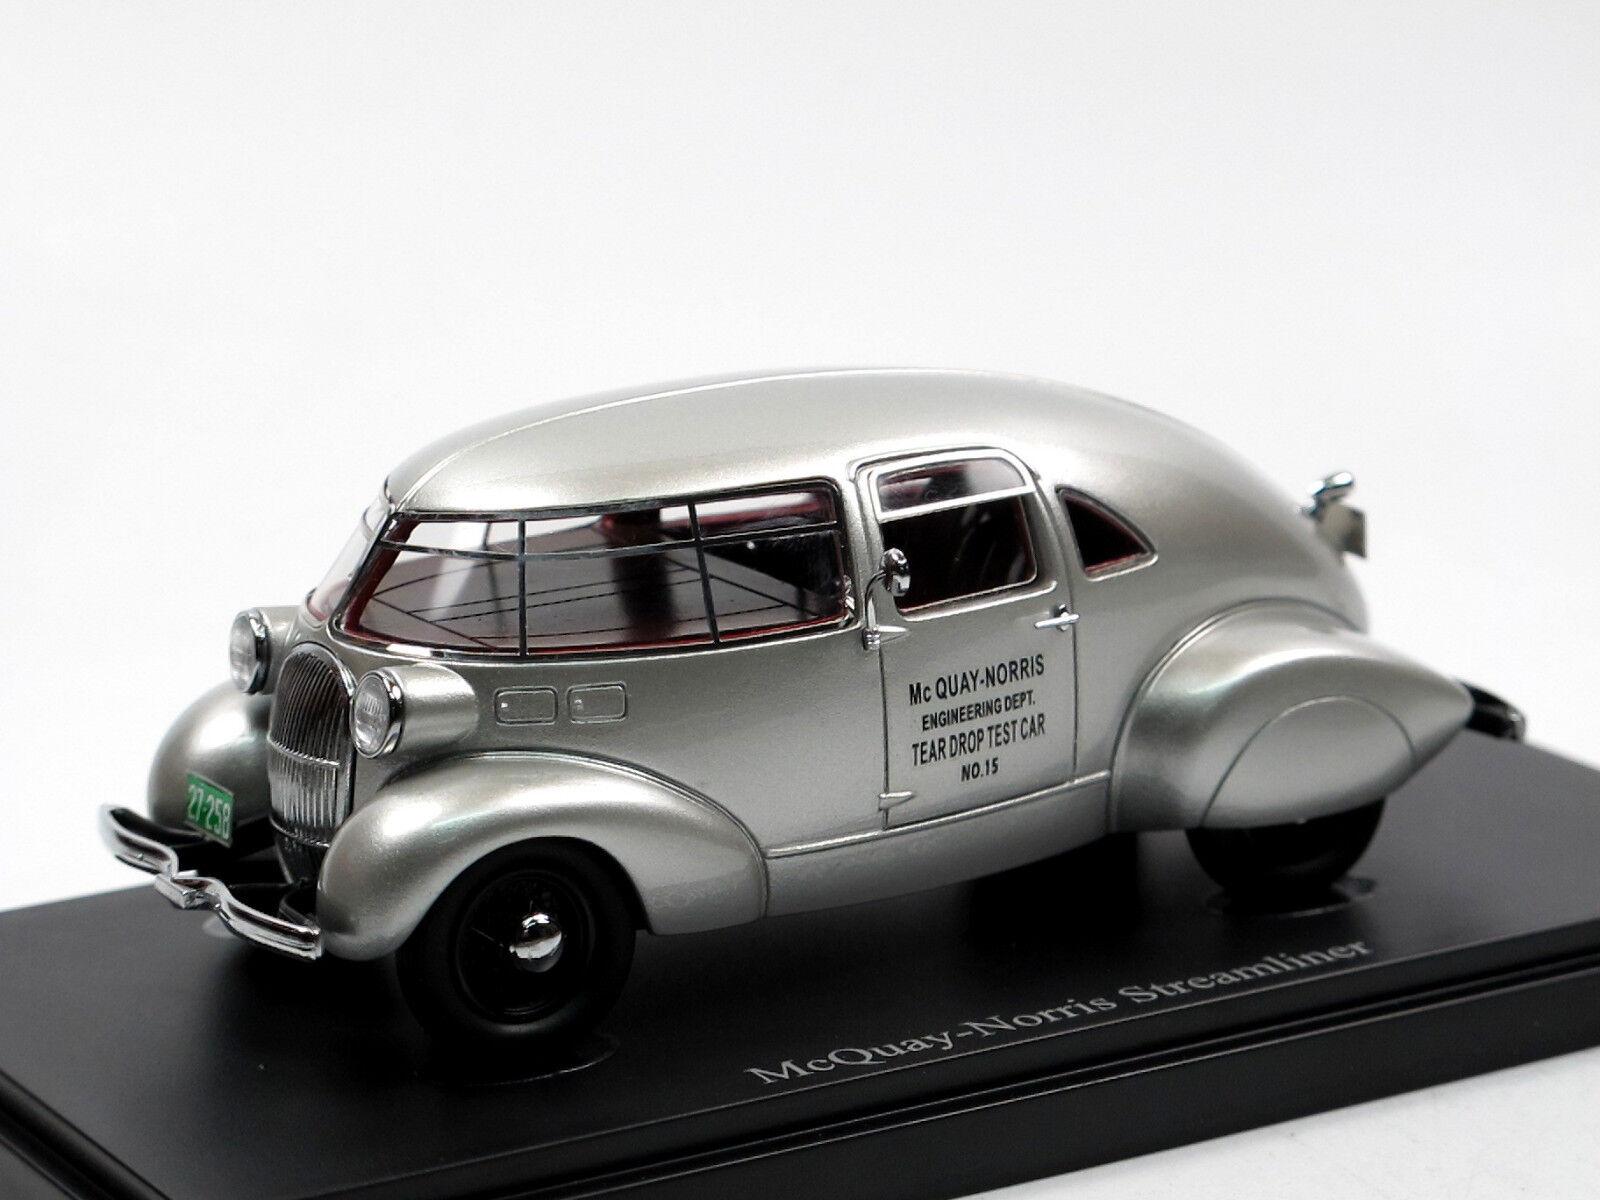 Autocult 04007 1934 McQUAY-NORRIS Streamliner Aluminium Egg 1 43 TEST CAR